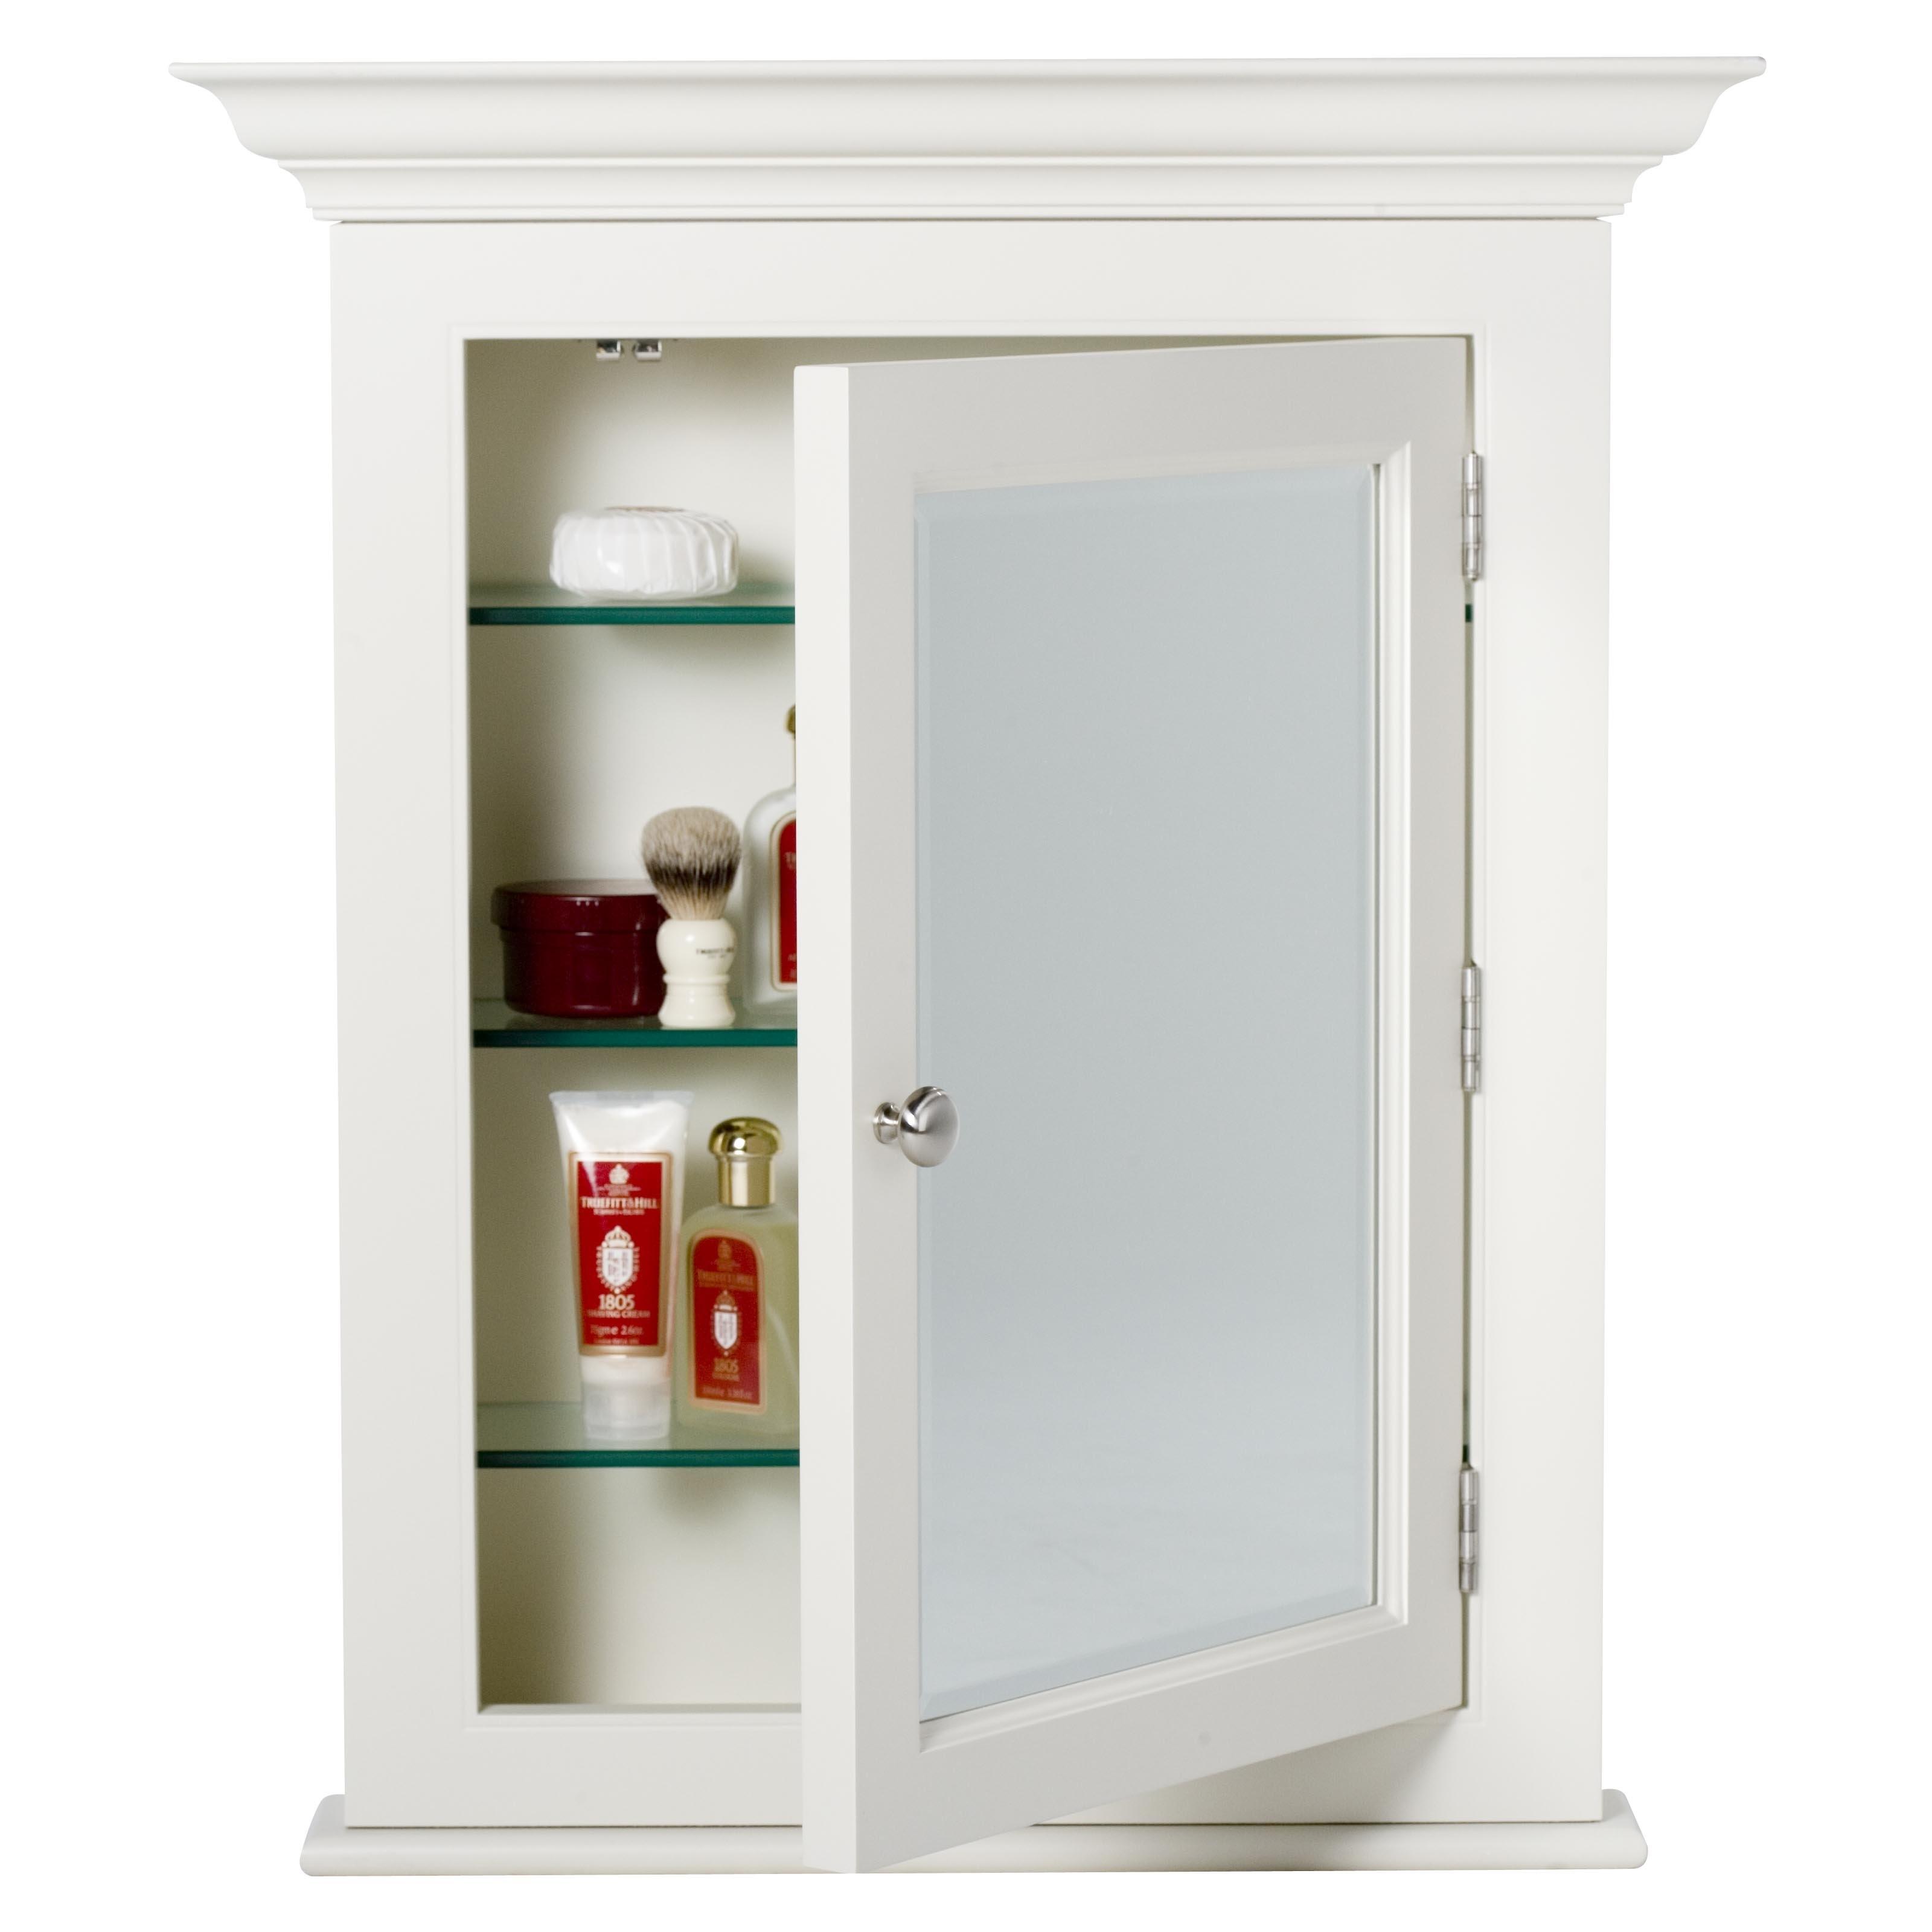 Shaker White Wood Bathroom Cabinet With Mirror Door